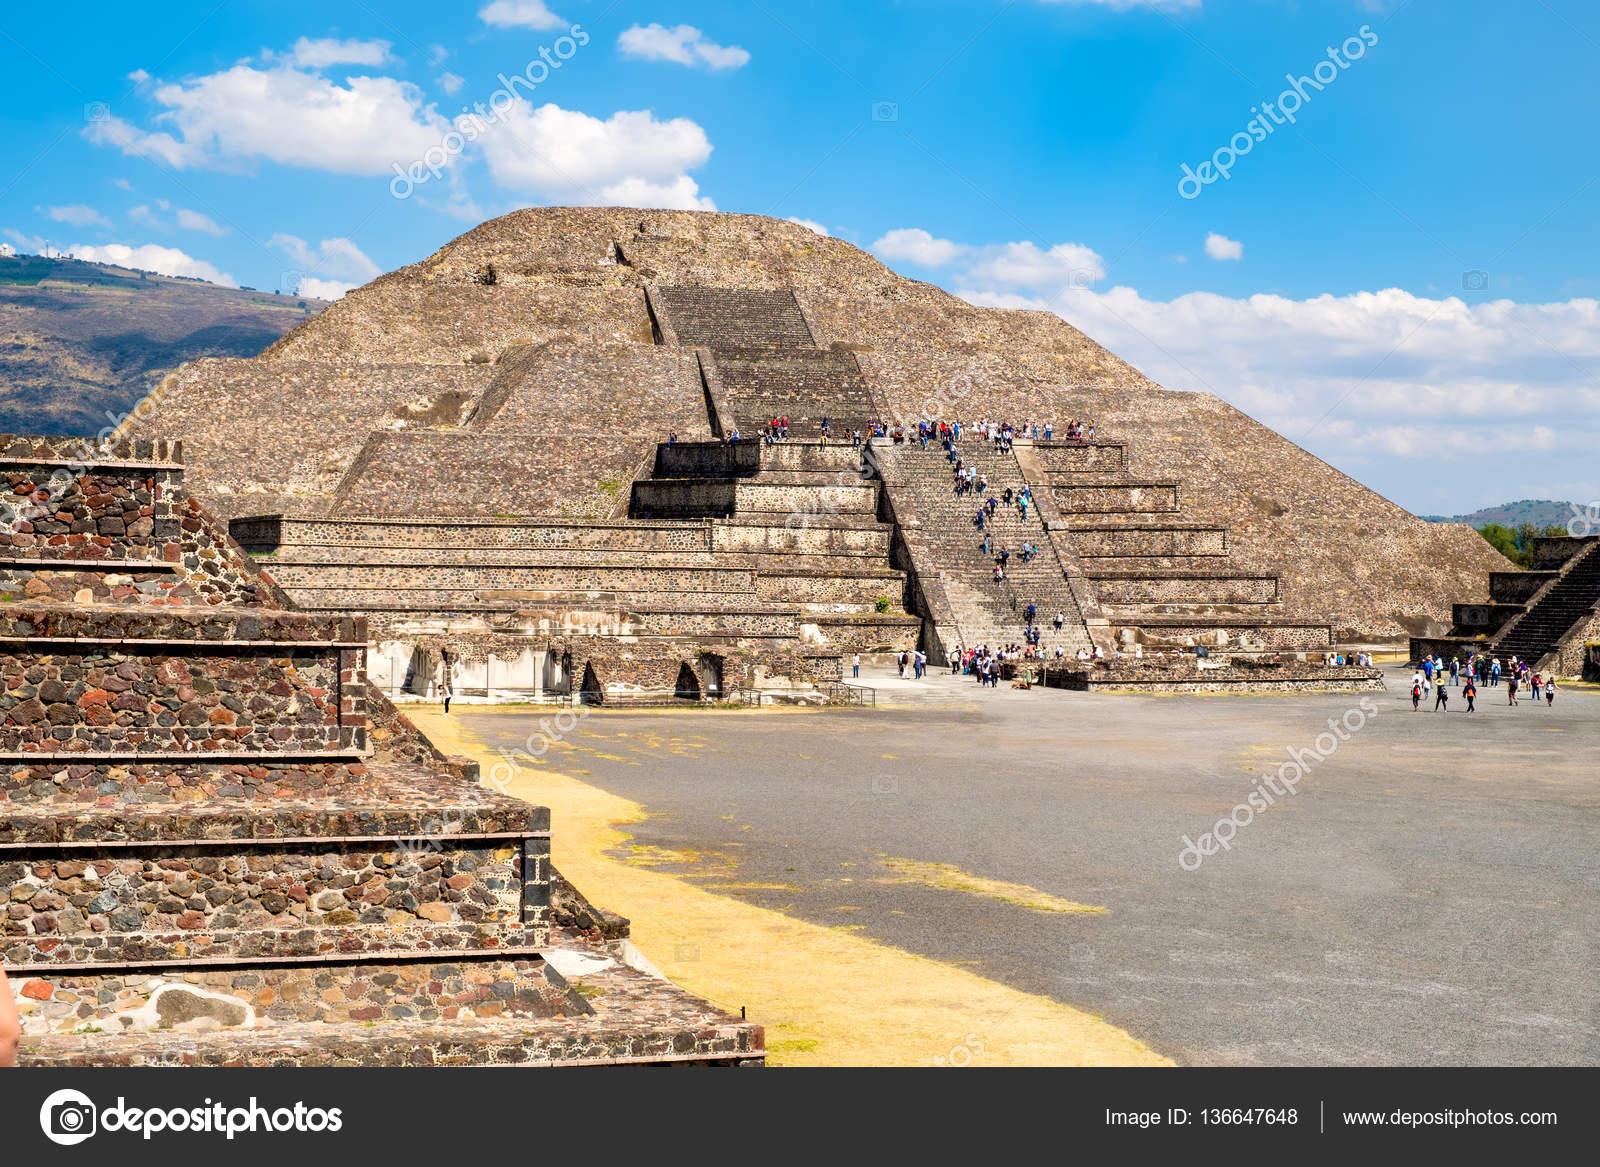 Imágenes Las Piramides Aztecas La Pirámide De La Luna Y Otras